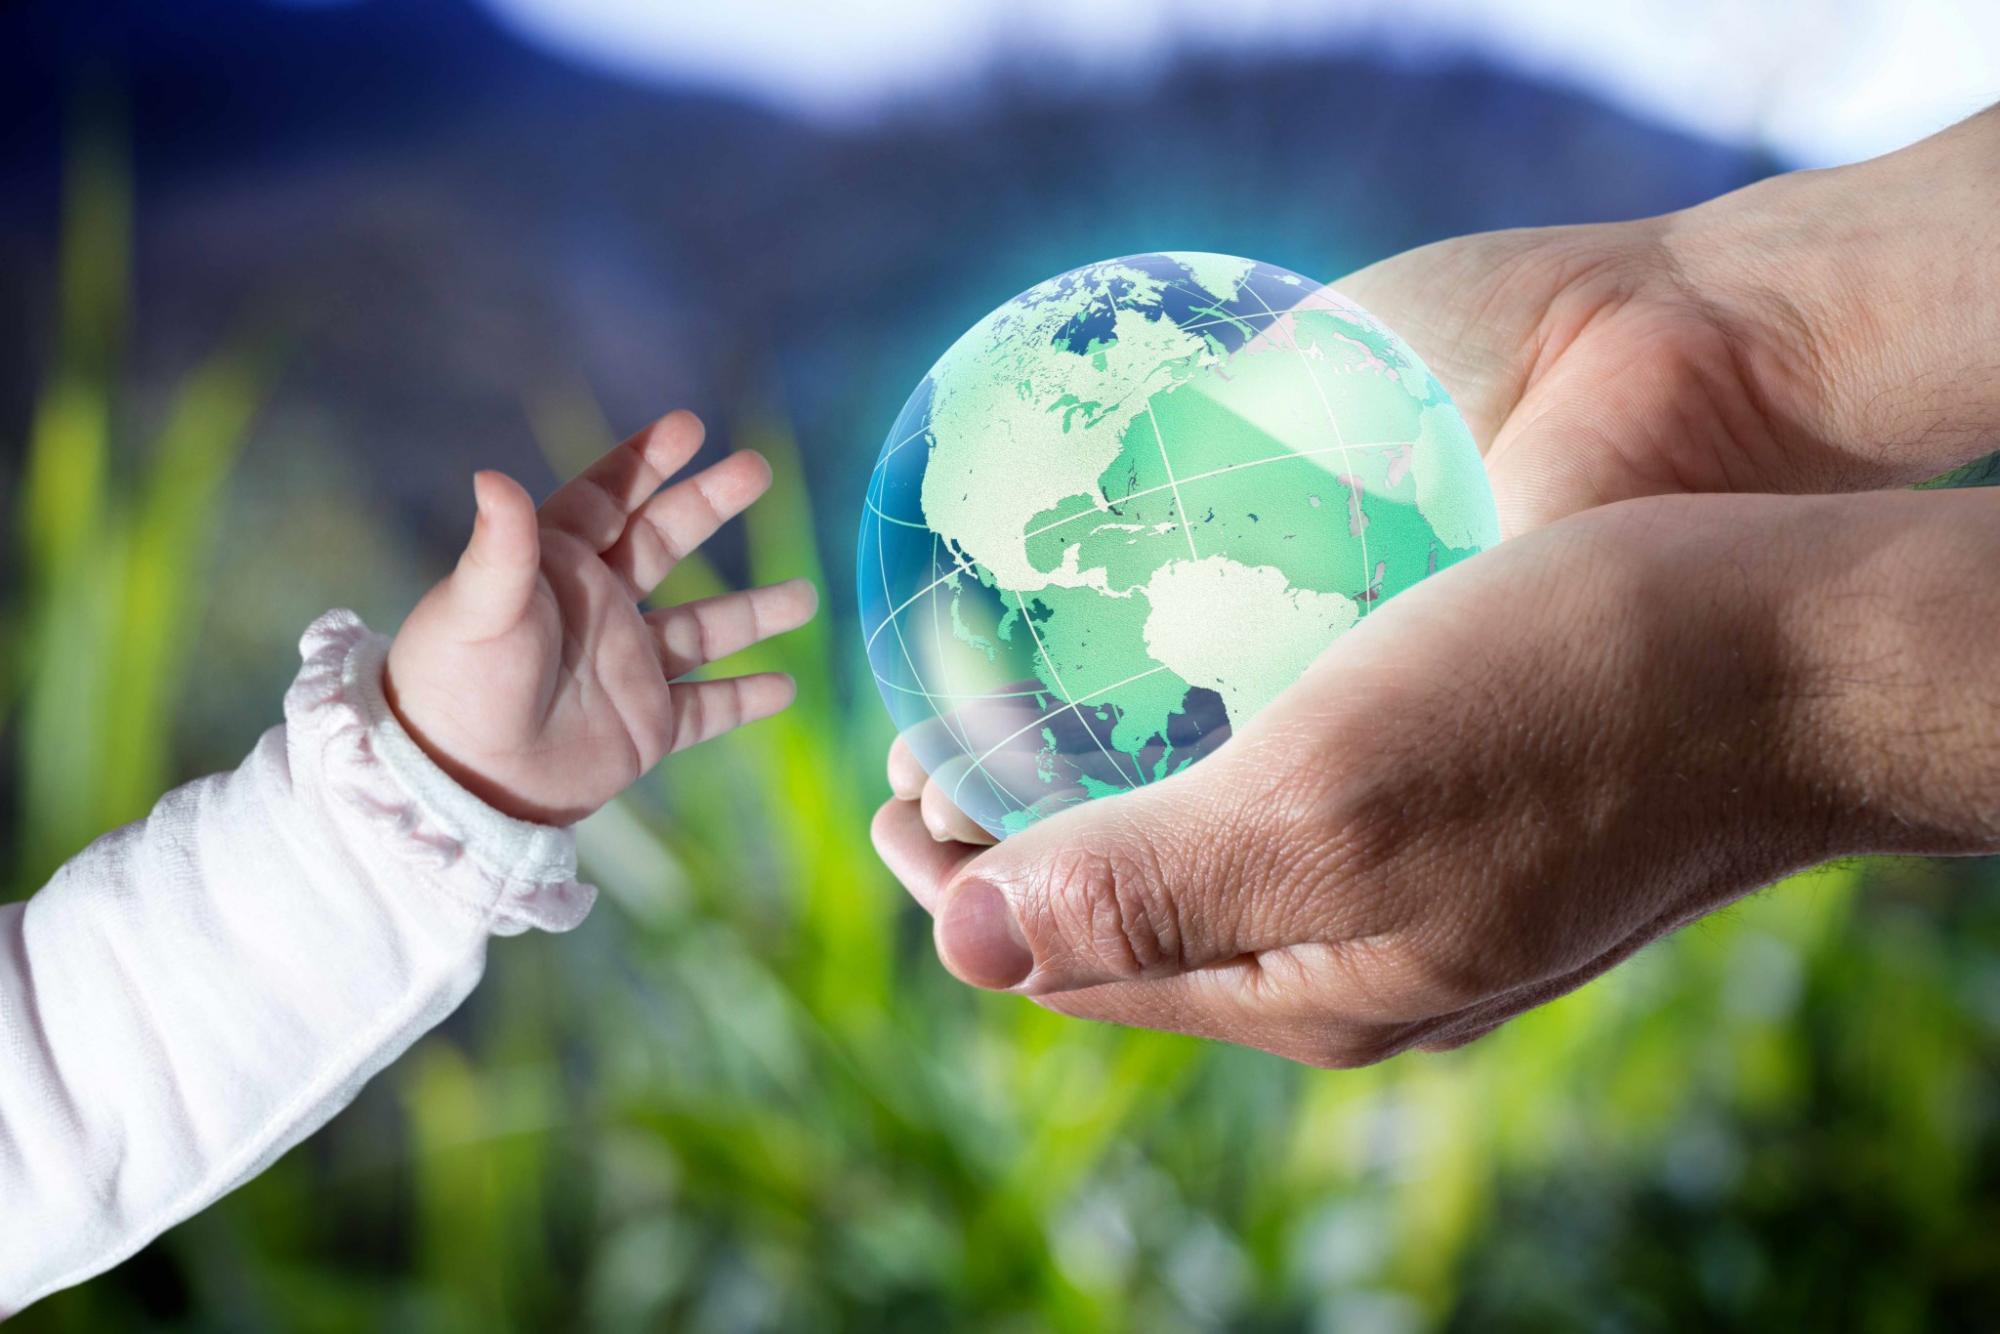 Стоматология, картинки экология и охрана окружающей среды для детей